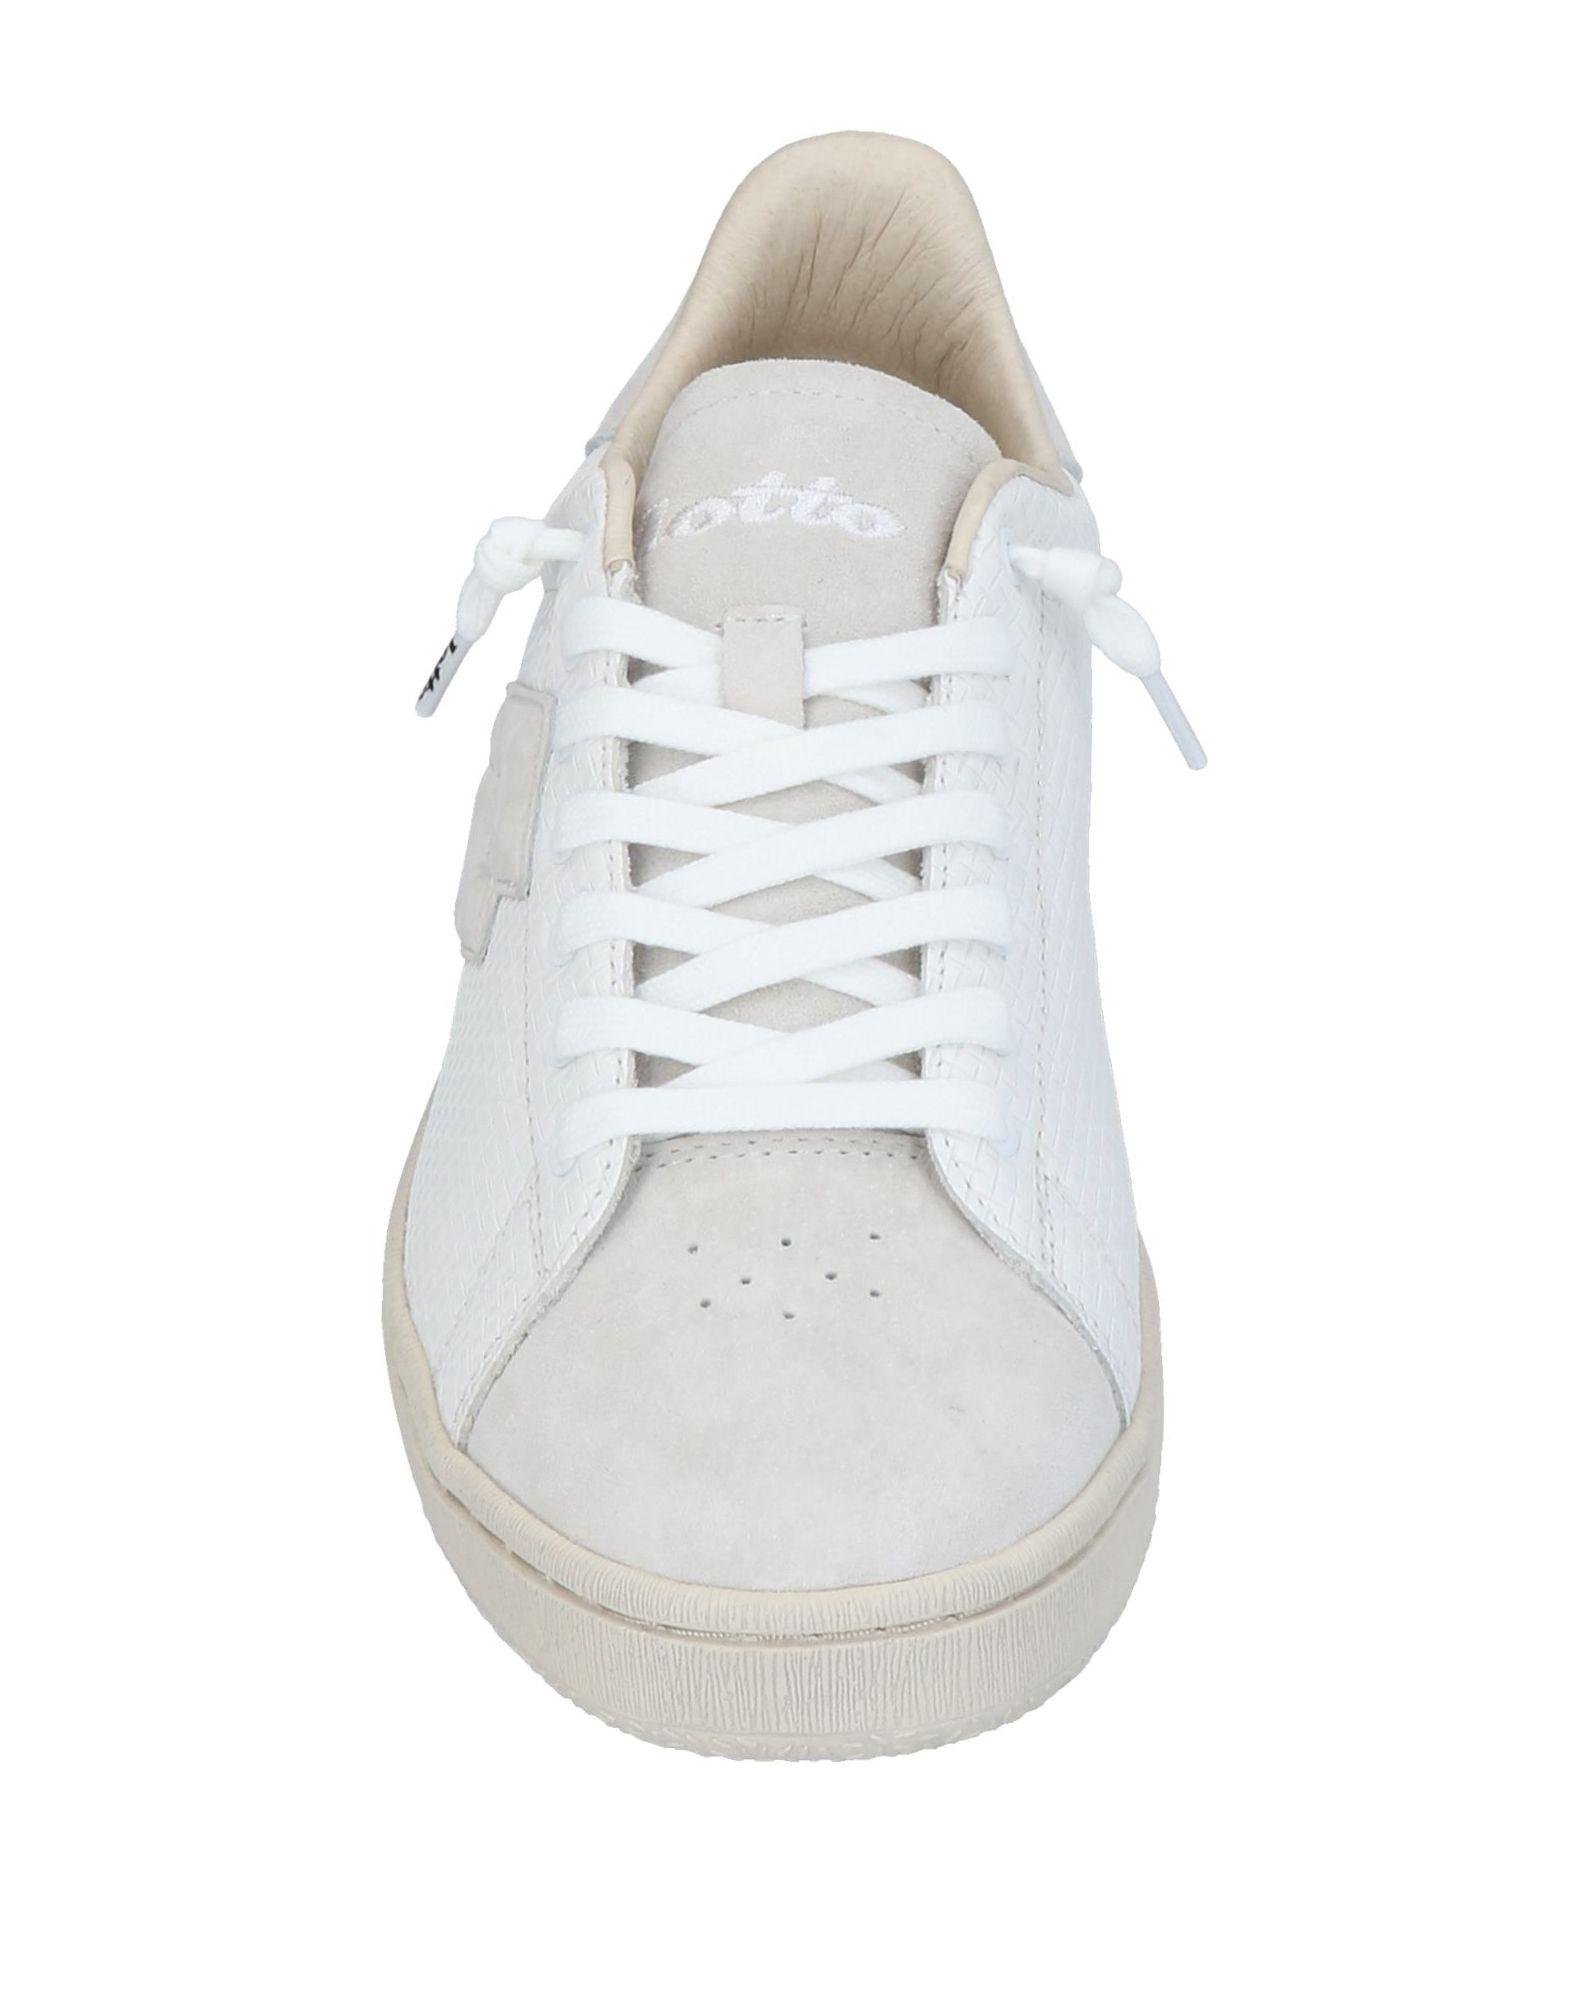 Lotto Leggenda Herren Sneakers Herren Leggenda  11452806FO 0b59b9